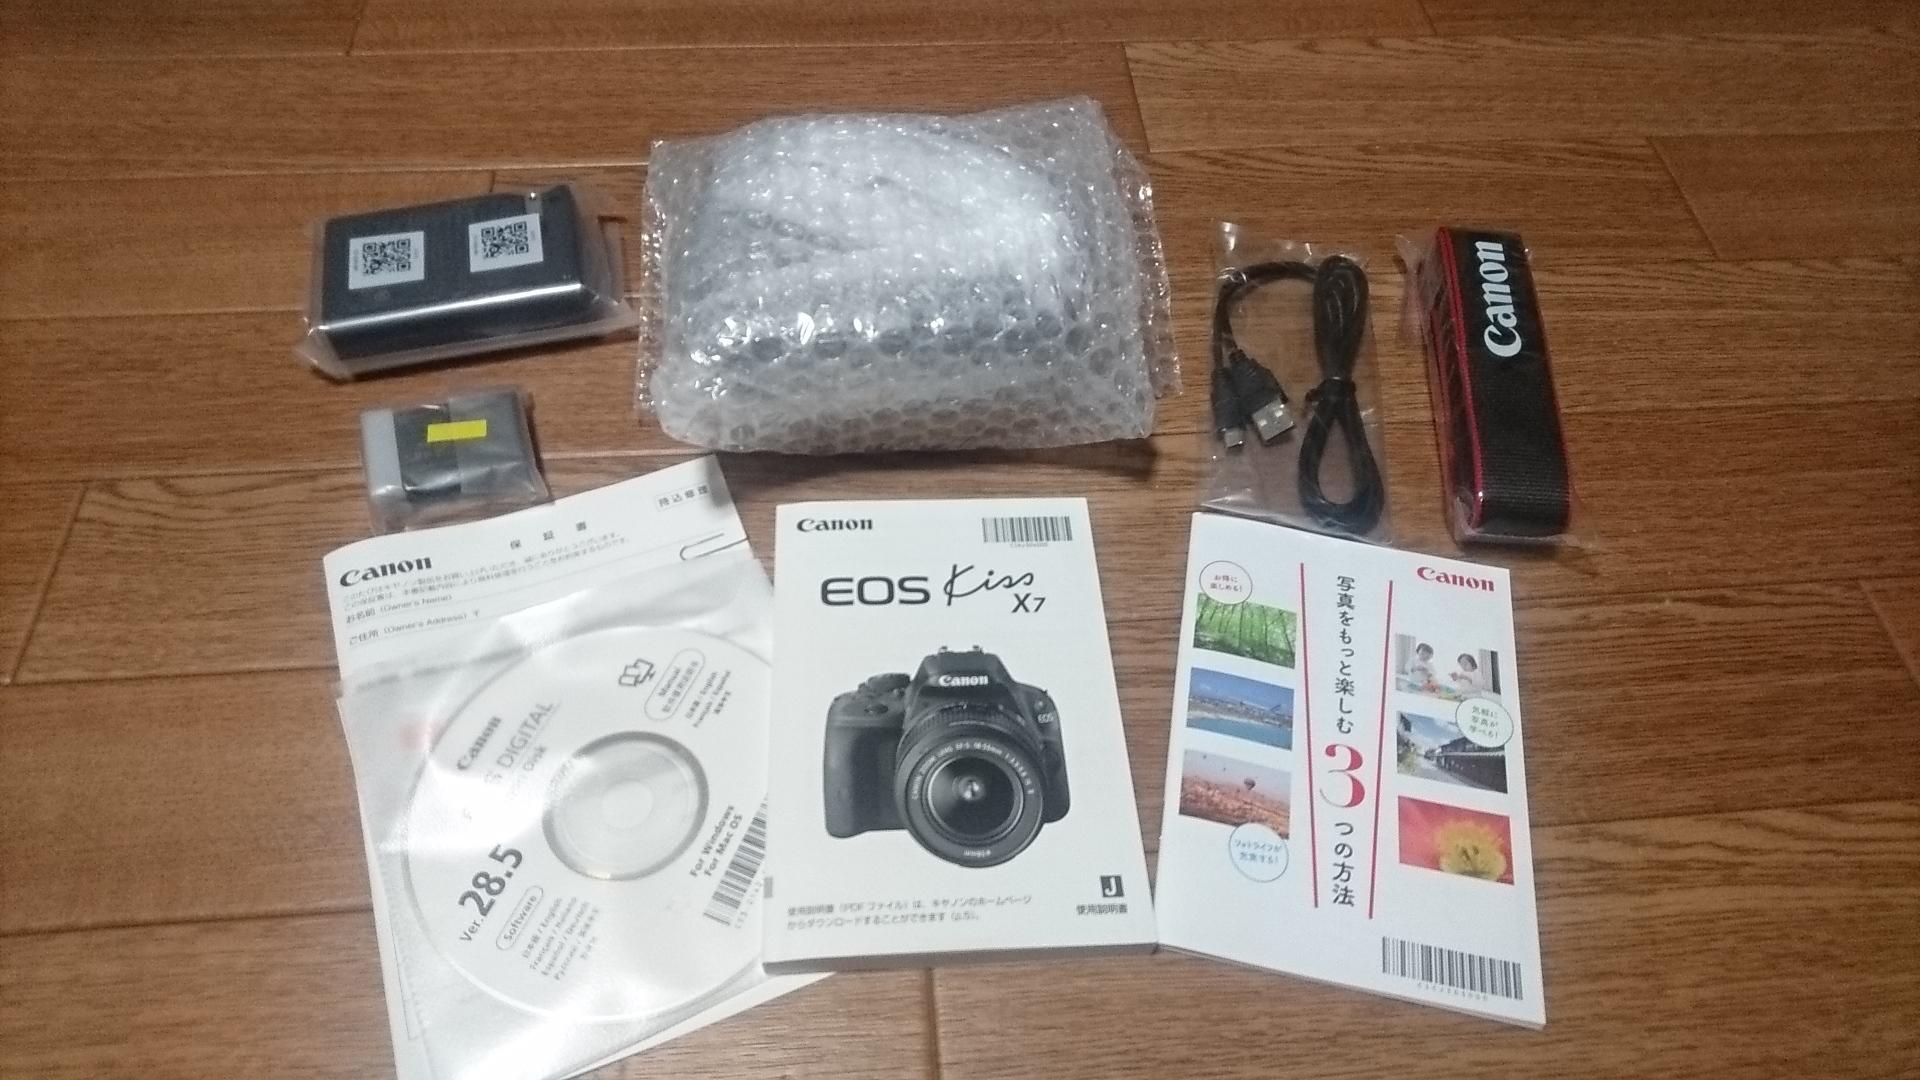 Canon EOS Kiss X7の内容物